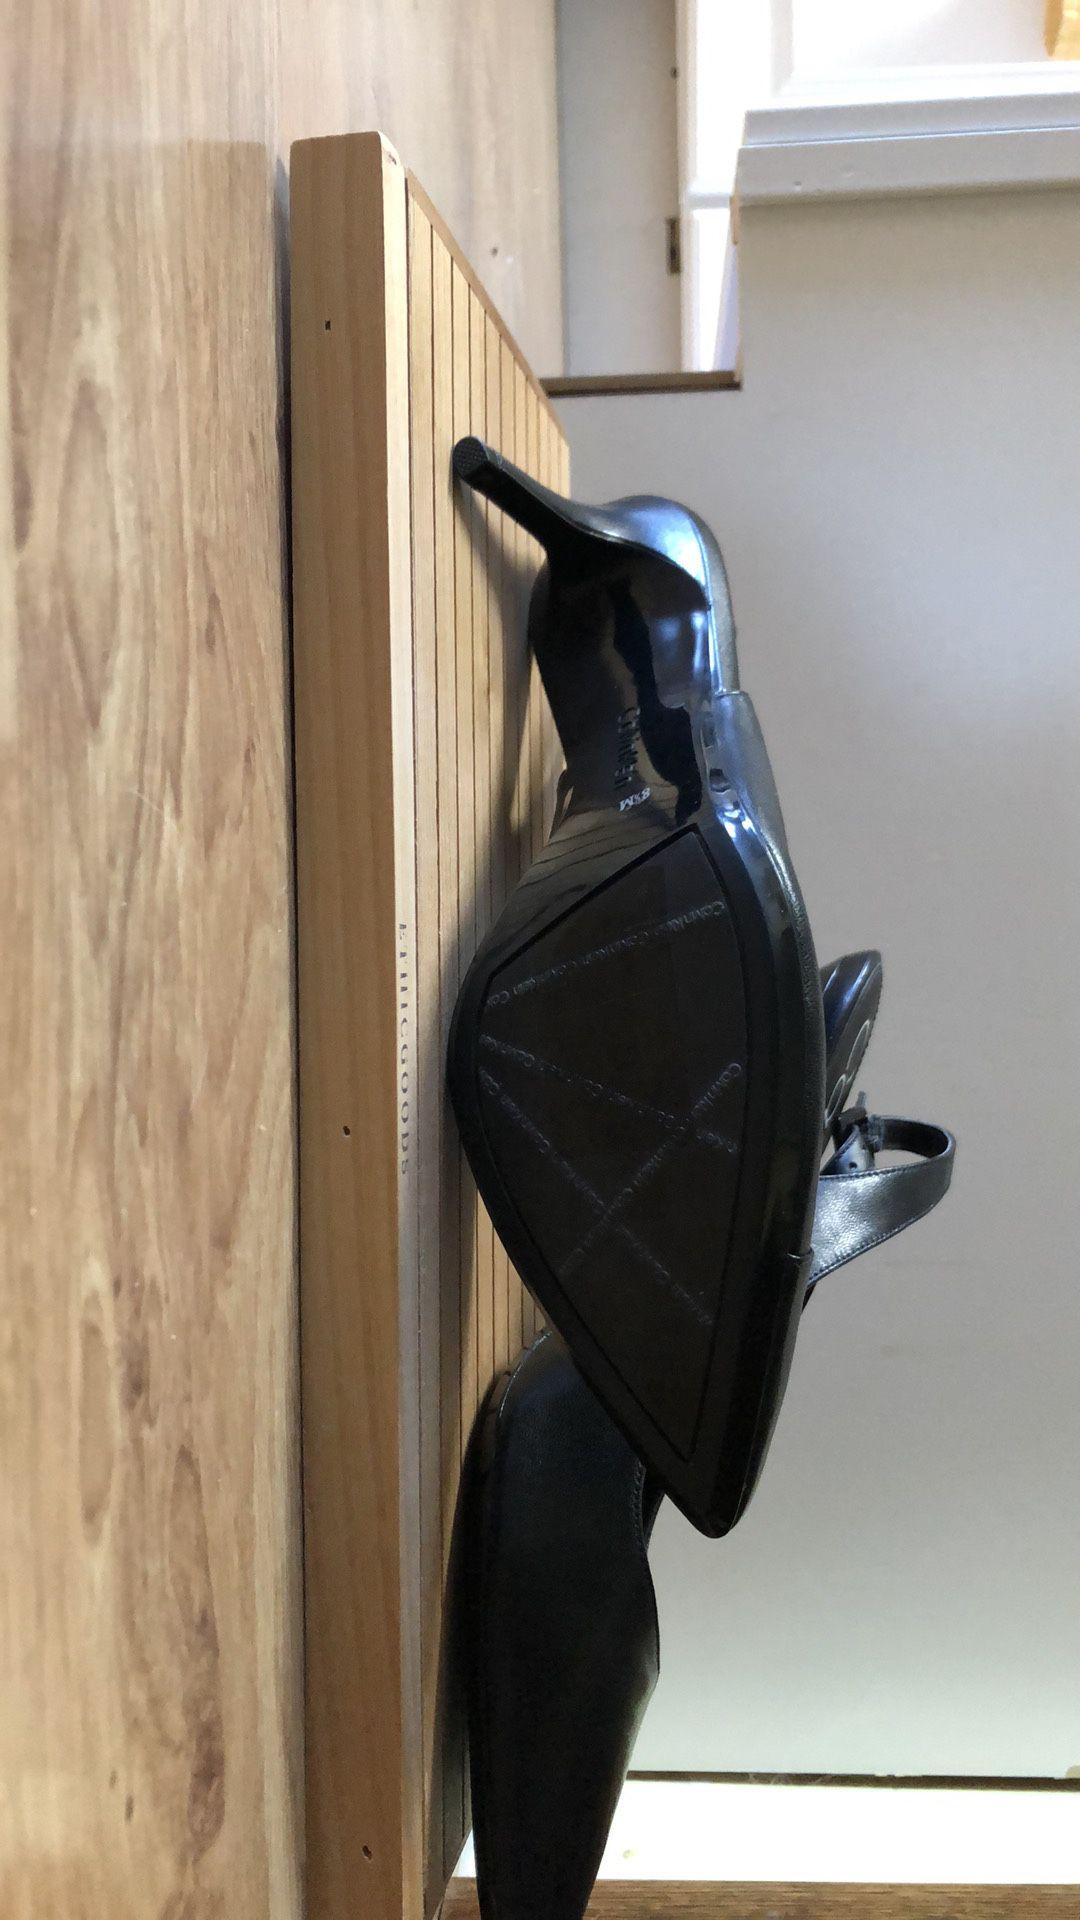 Calvin Klein Sling back heels (size 8.5)